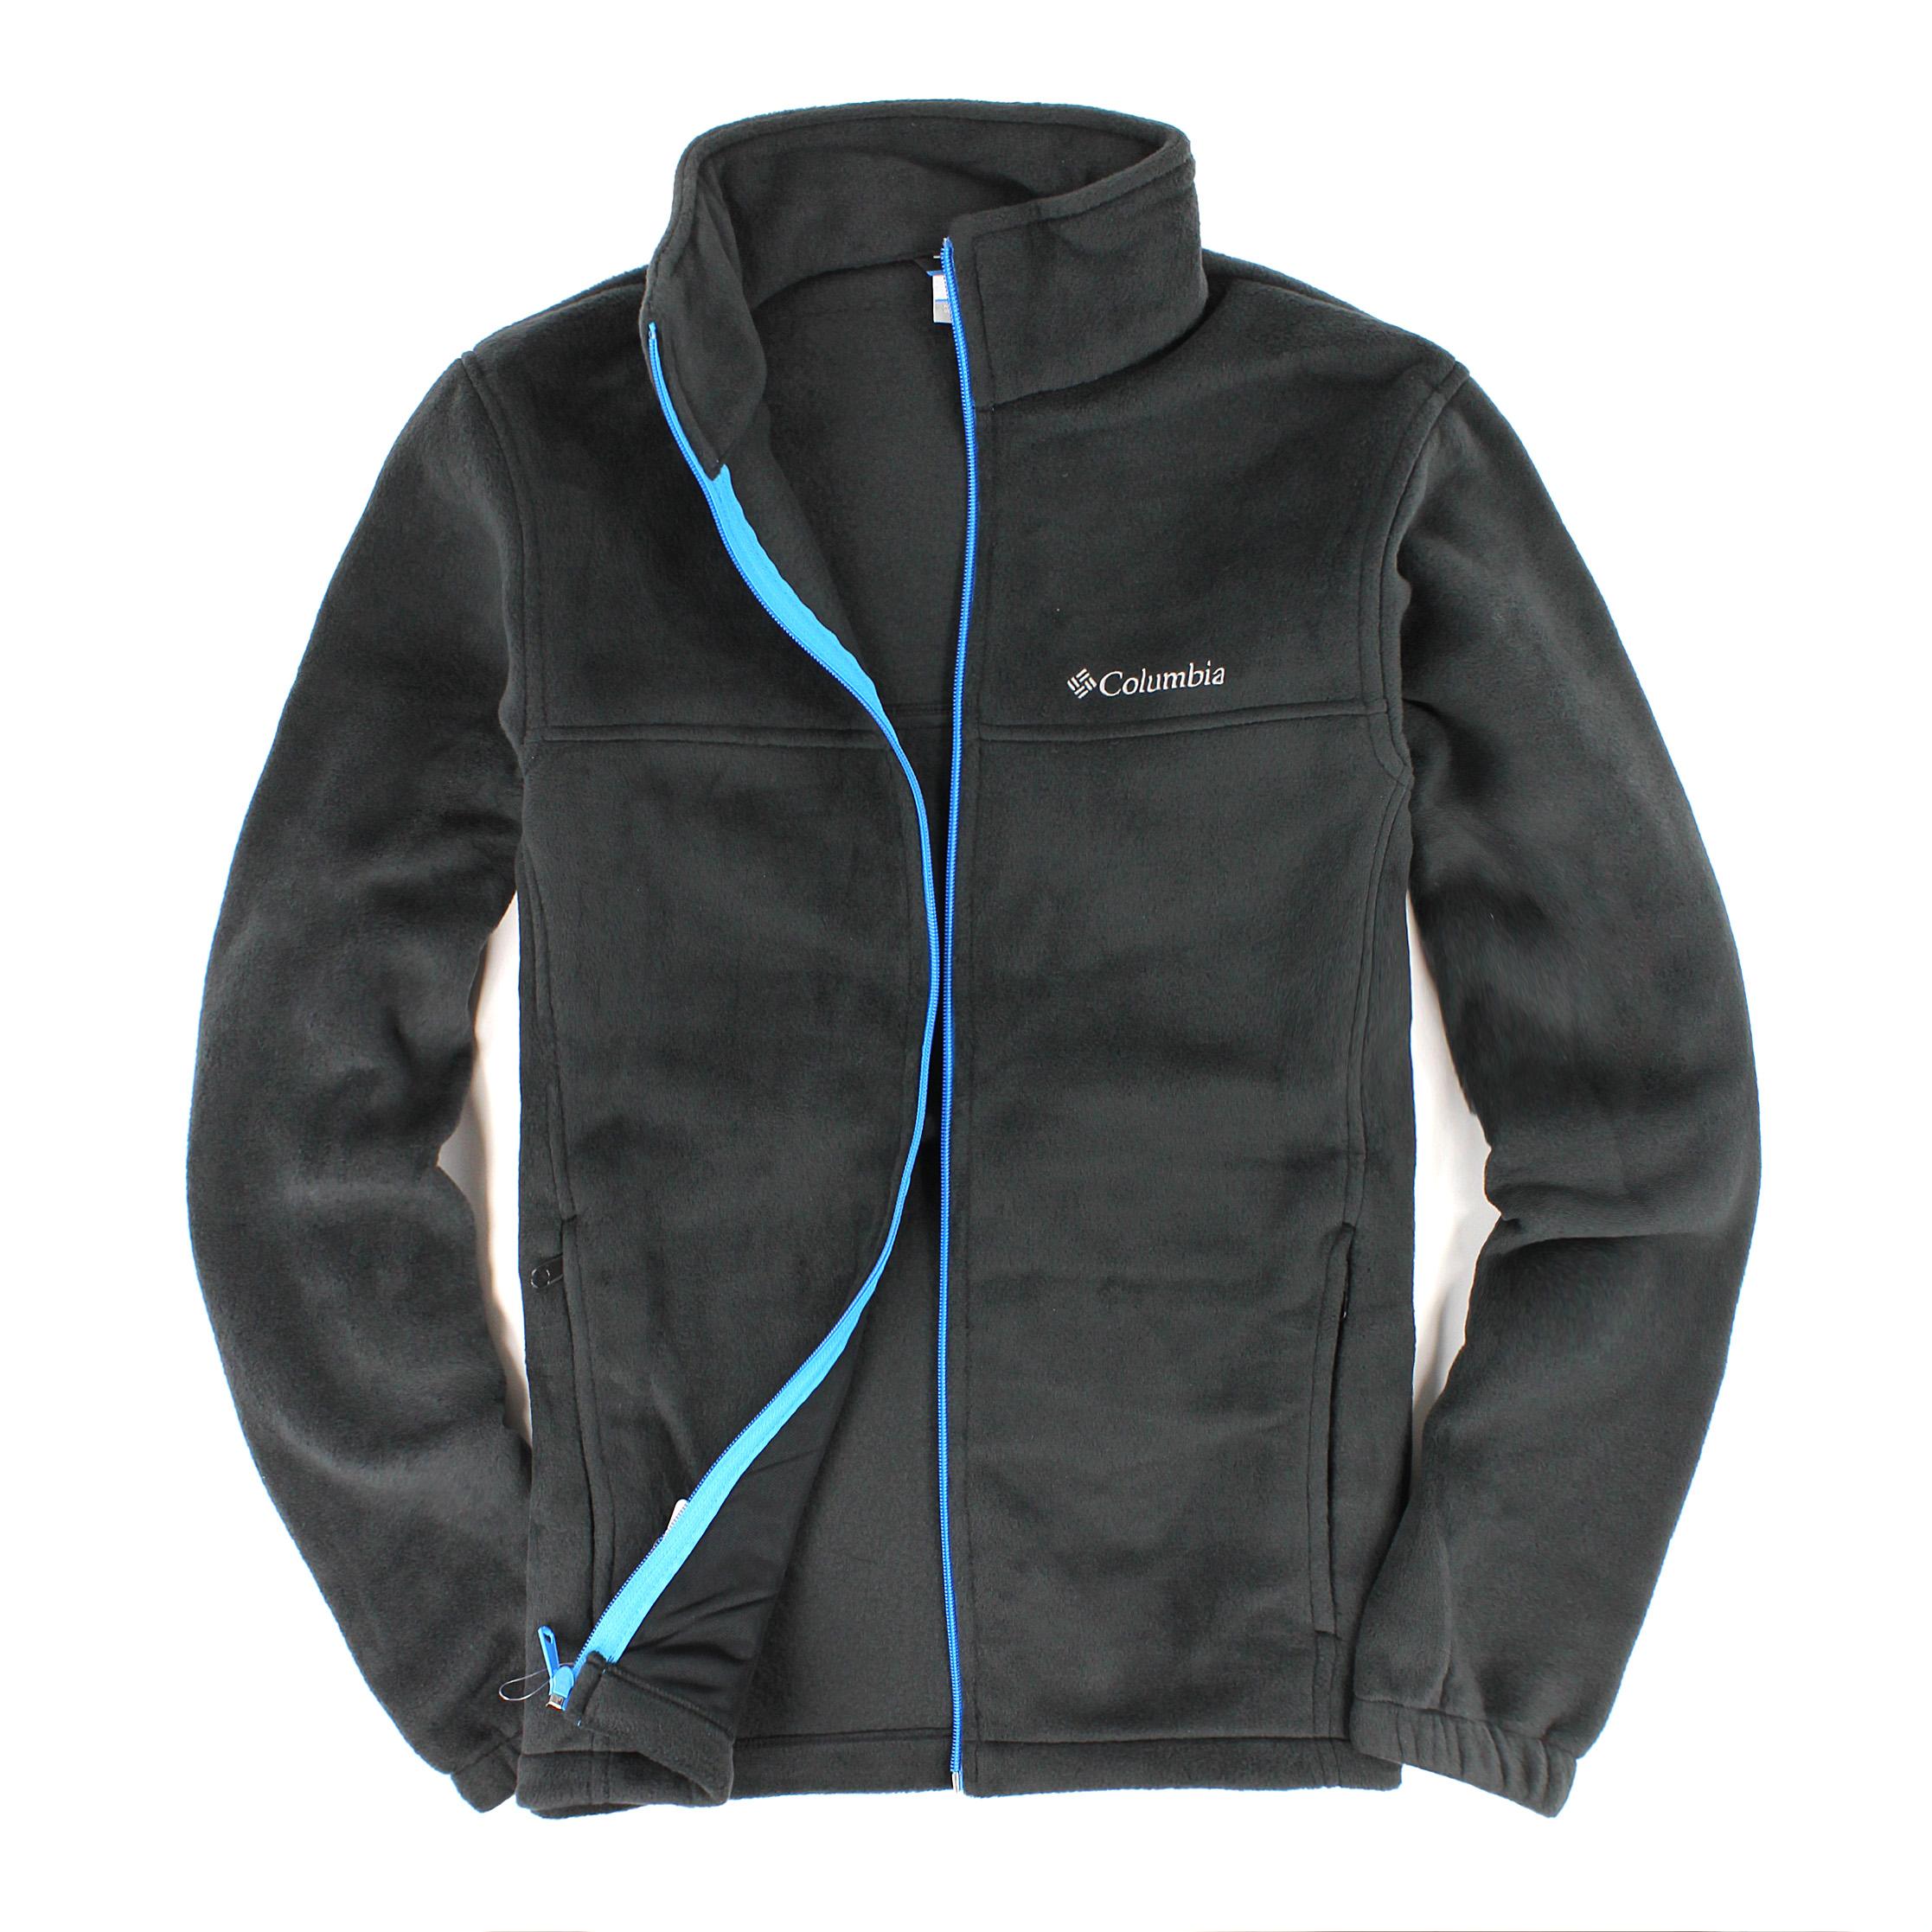 美國百分百【全新真品】Columbia 外套 上衣 夾克 刷毛外套 哥倫比亞 黑 保暖 立領 輕巧 男 S M